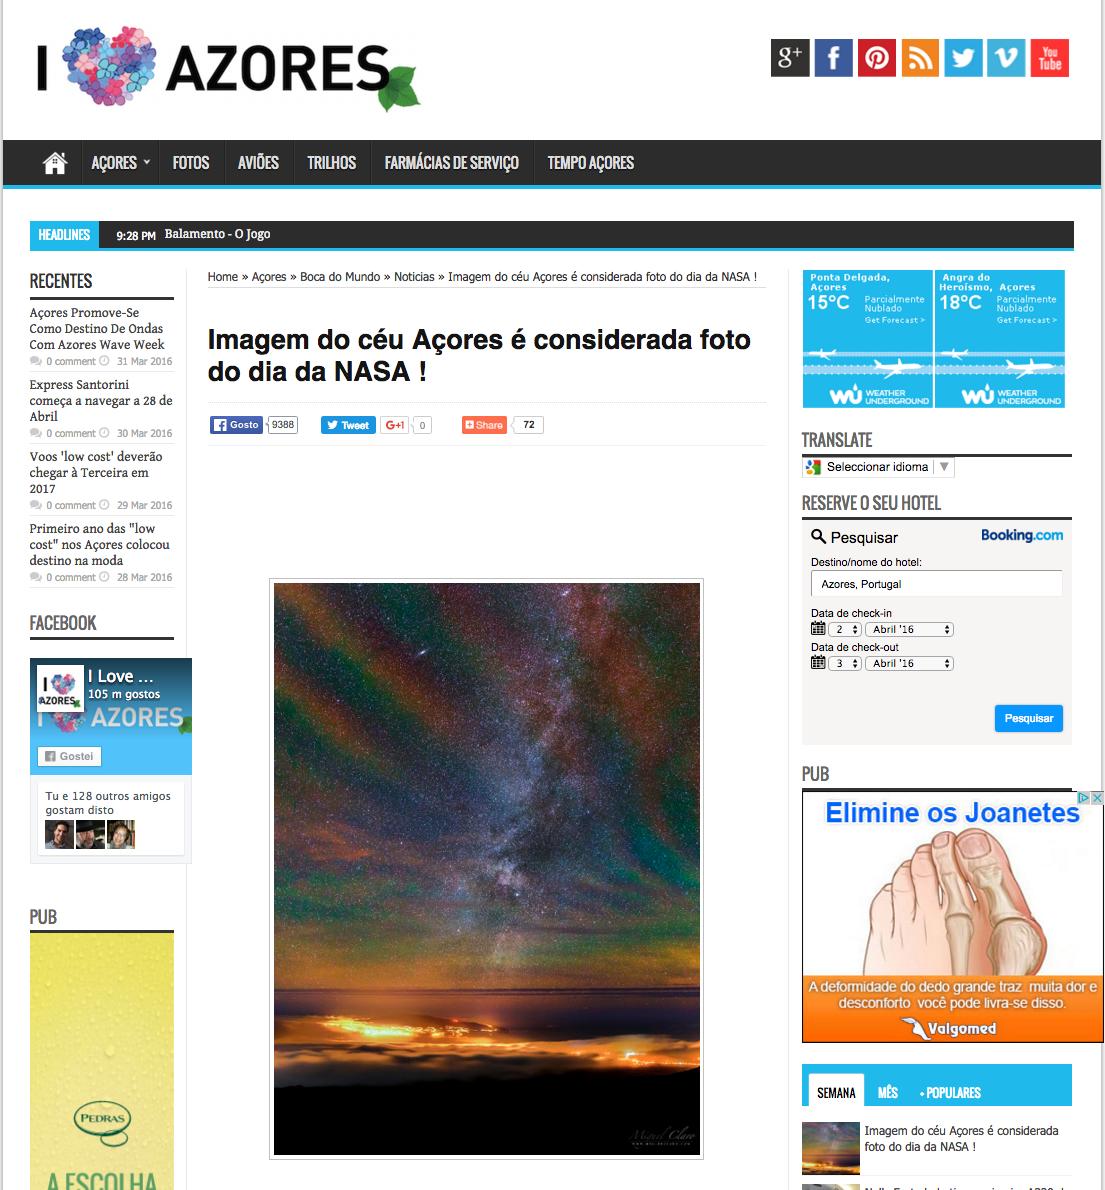 APOD-Abril-Press-ILoveAzores